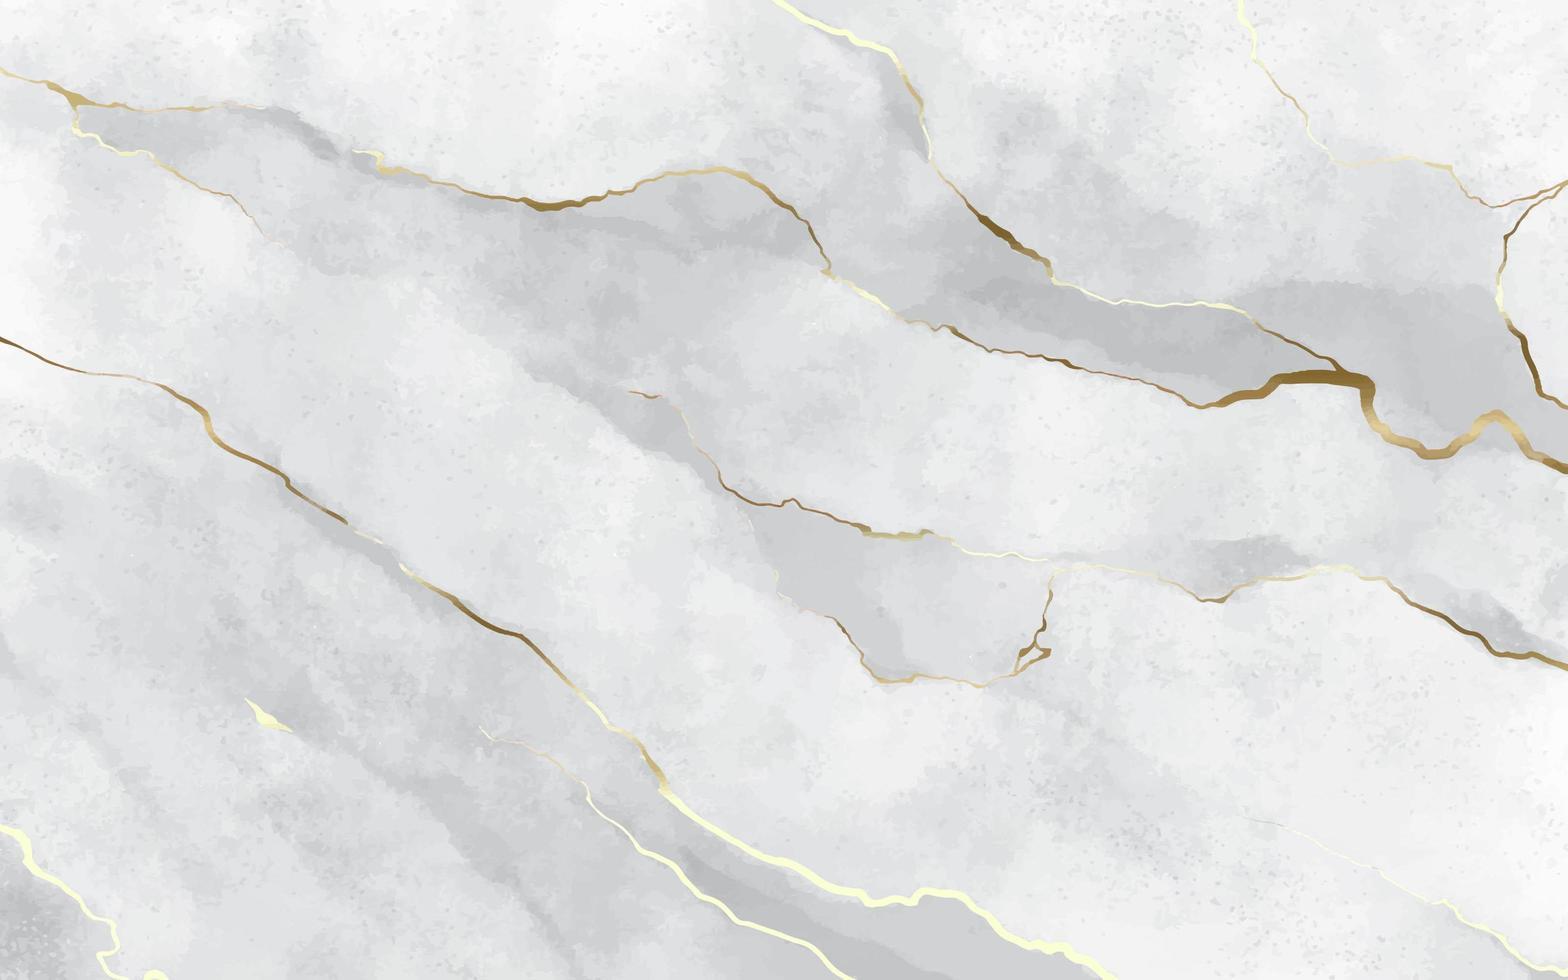 struttura in marmo bianco pietra con tratti dorati vettore